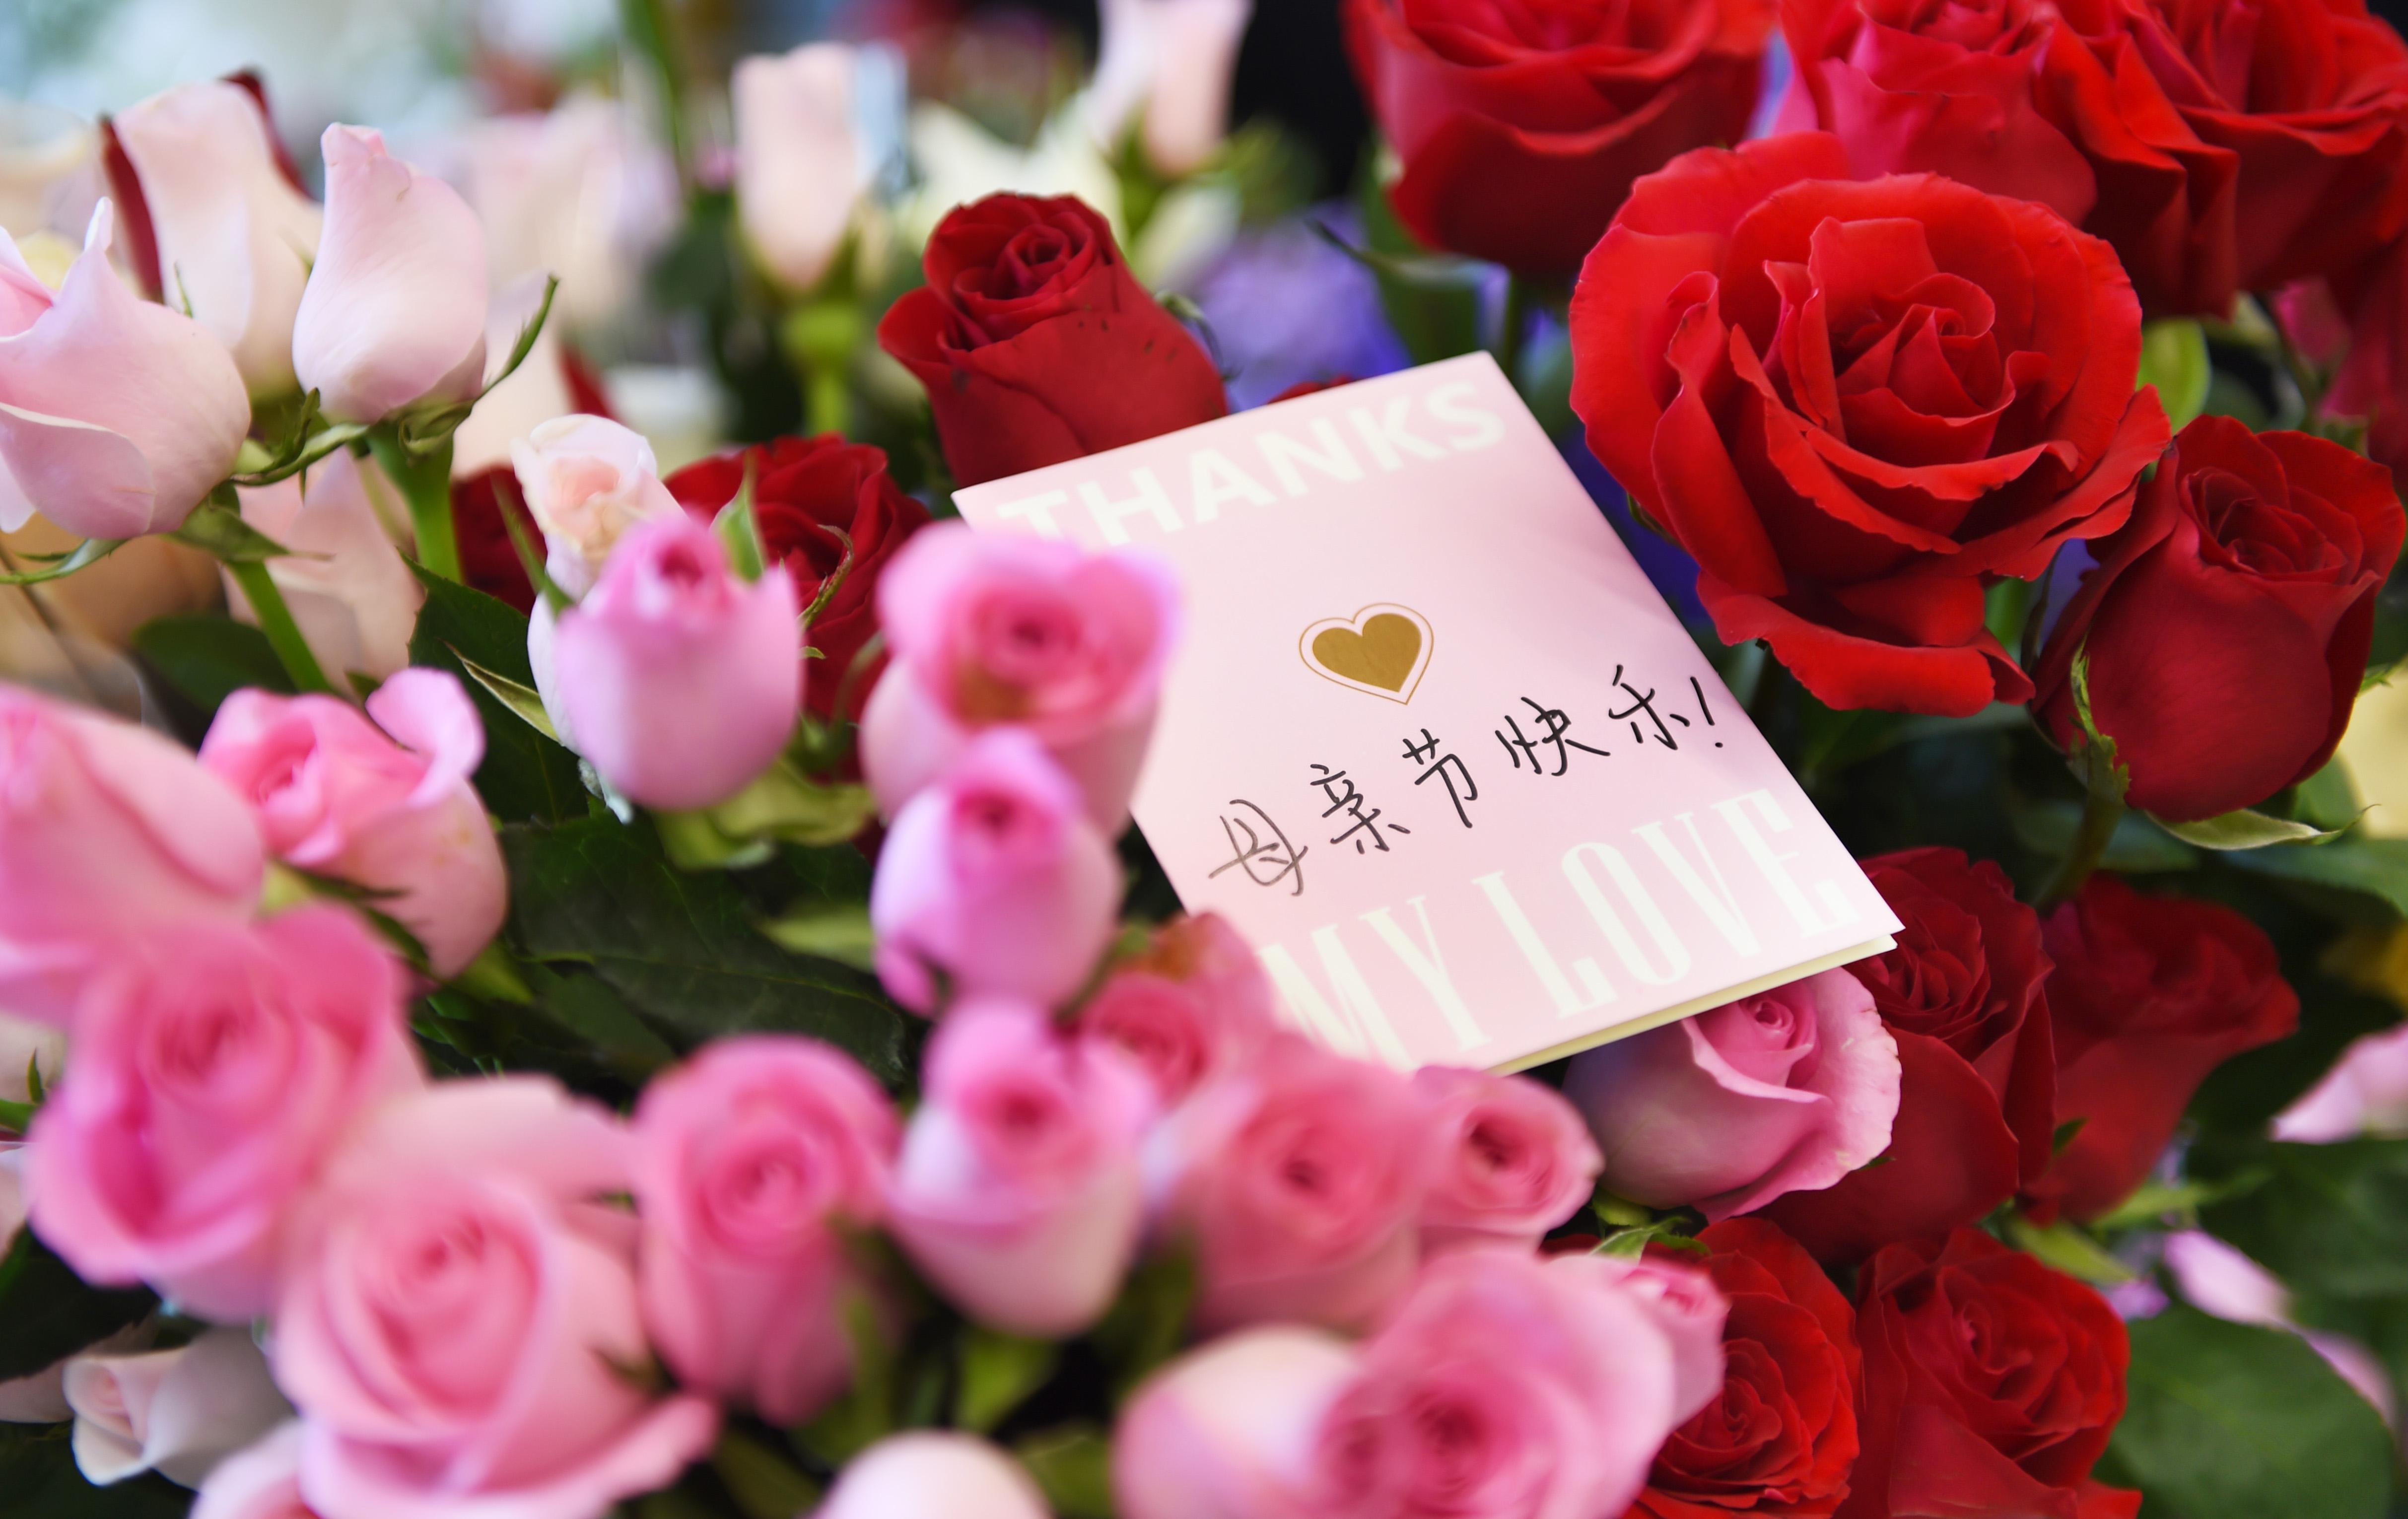 ネットで親孝行「雲養媽」  中国の若者